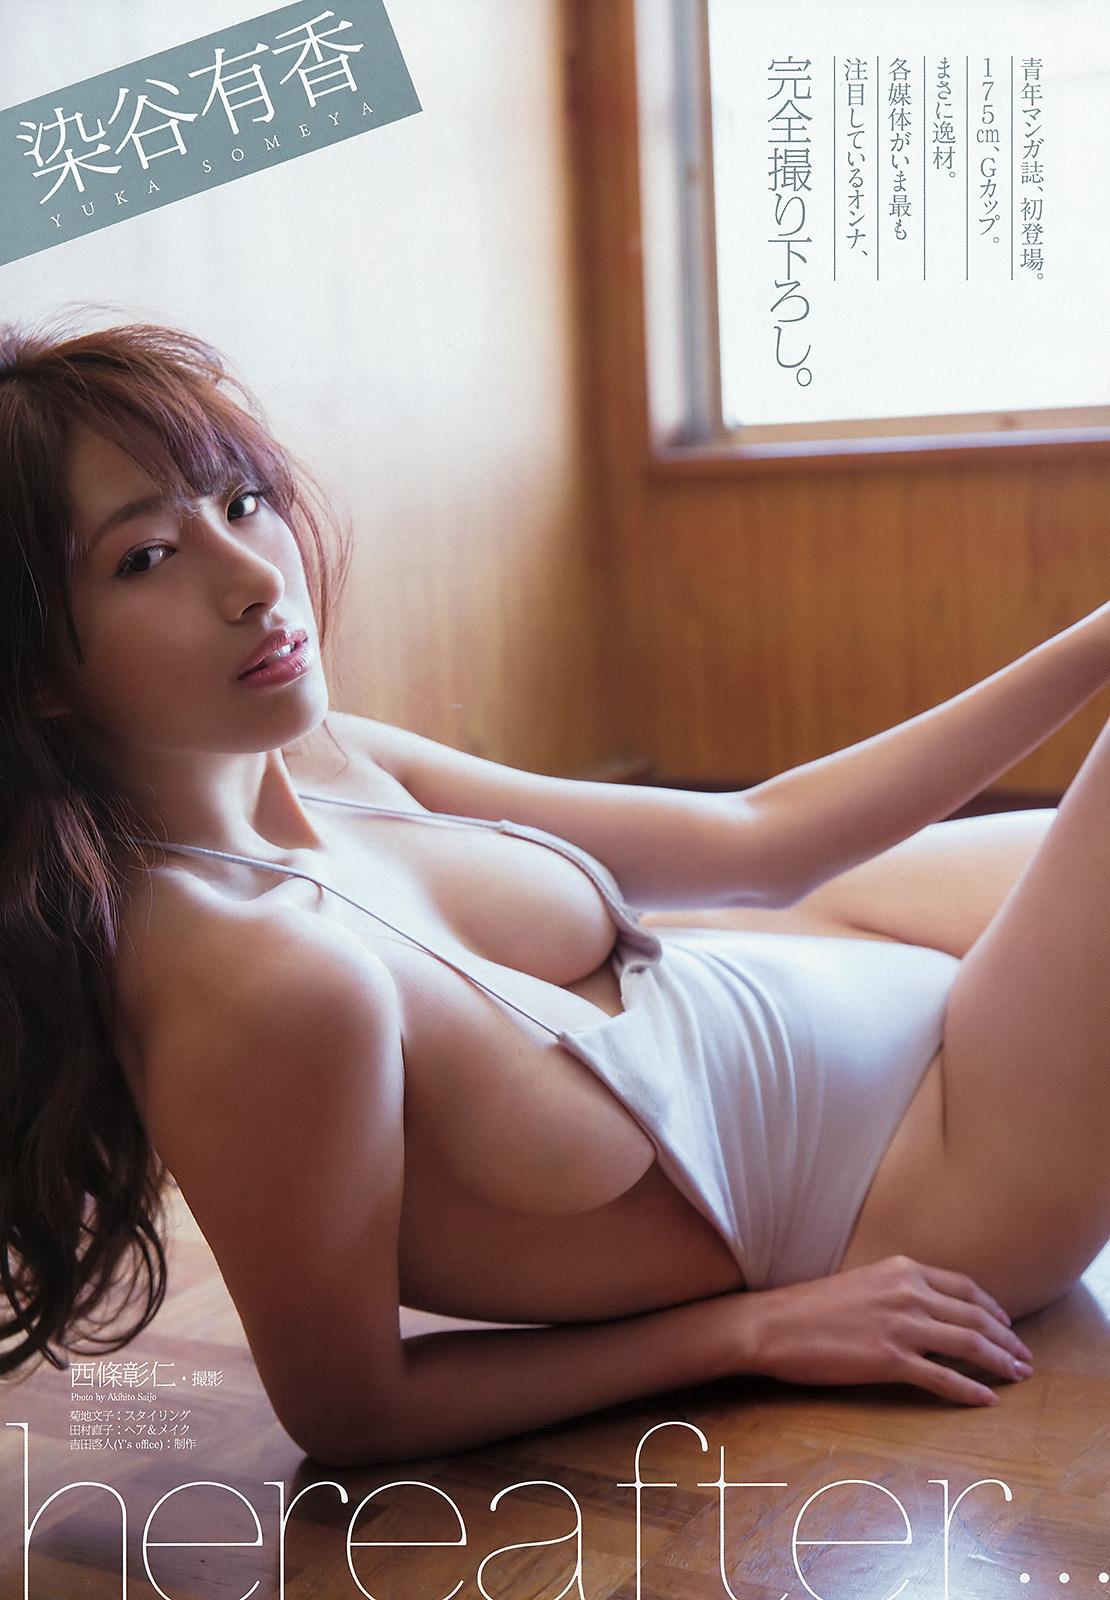 モデル体型なのにGカップのバストがめちゃくちゃエロい染谷有香のグラビアが見たくなったので(*´▽`*)ww×29P 表紙